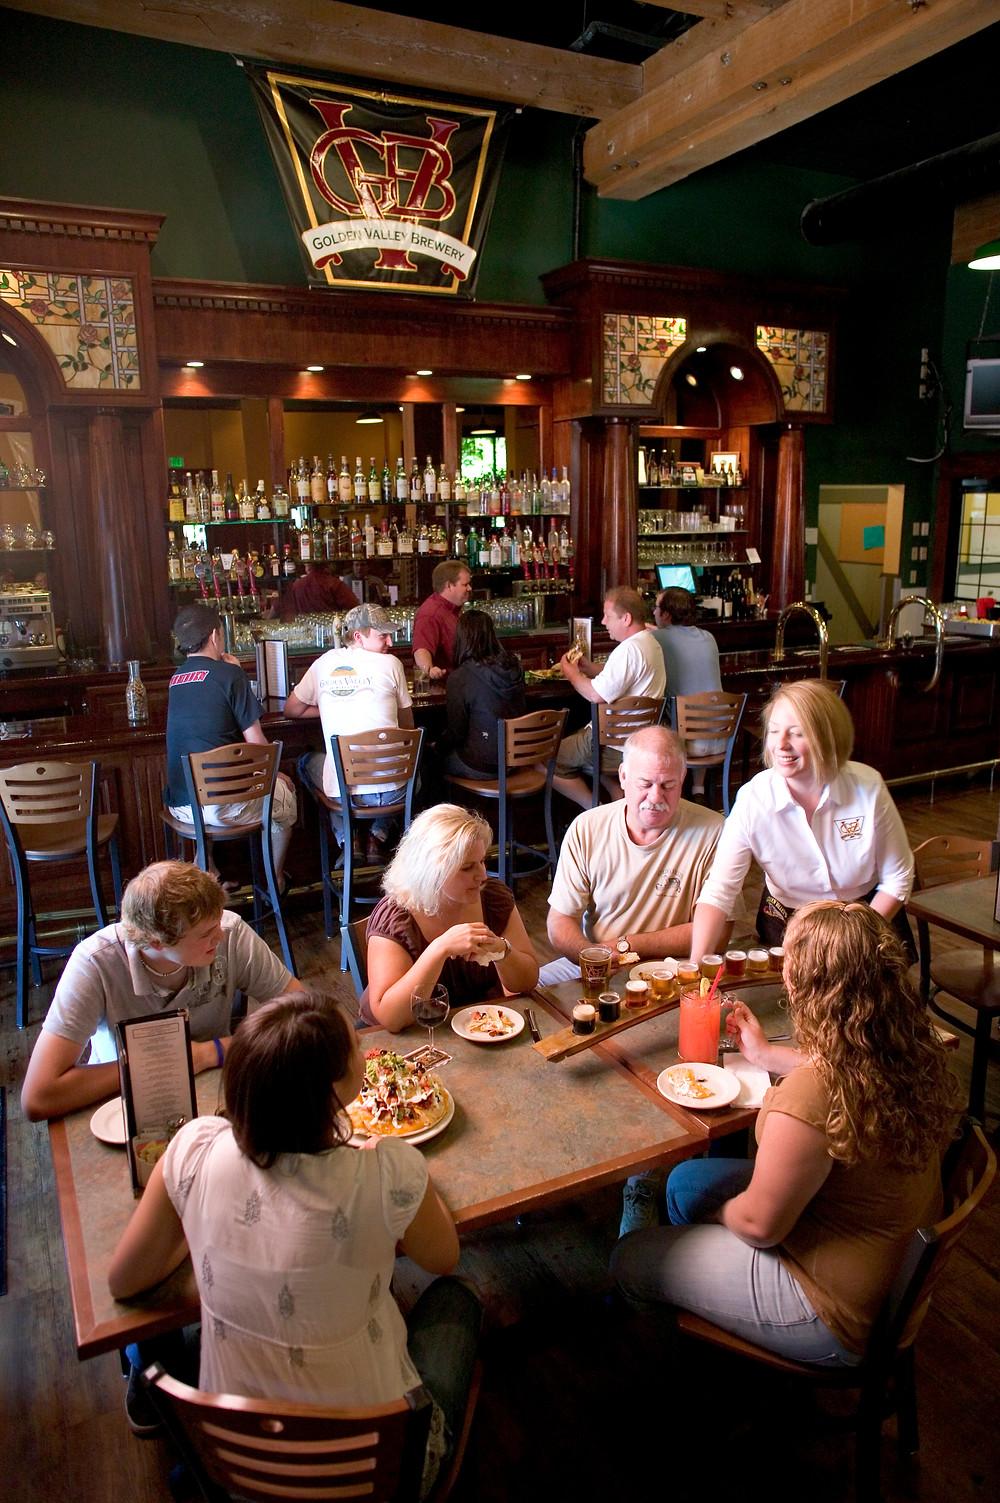 Golden Valley Brewery & Restaurant